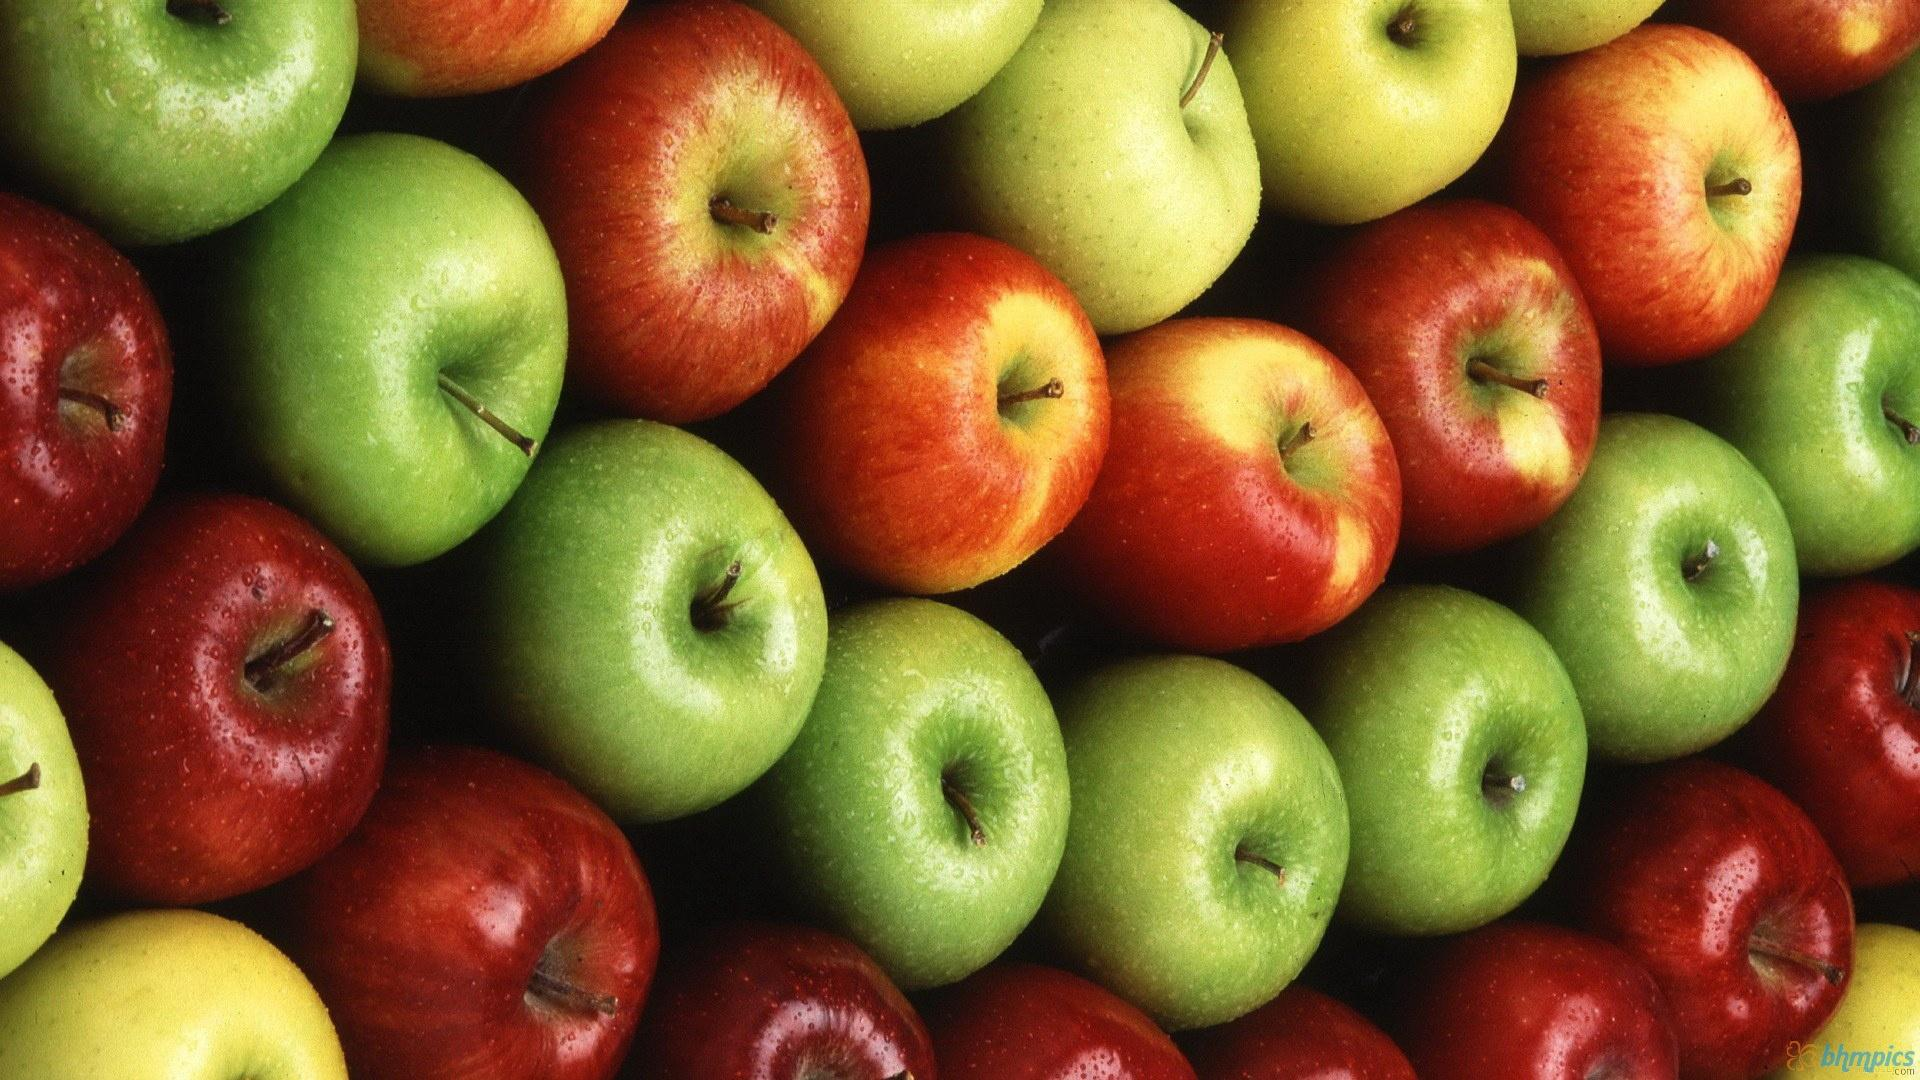 Depresyonu önleyen besin: Meyve